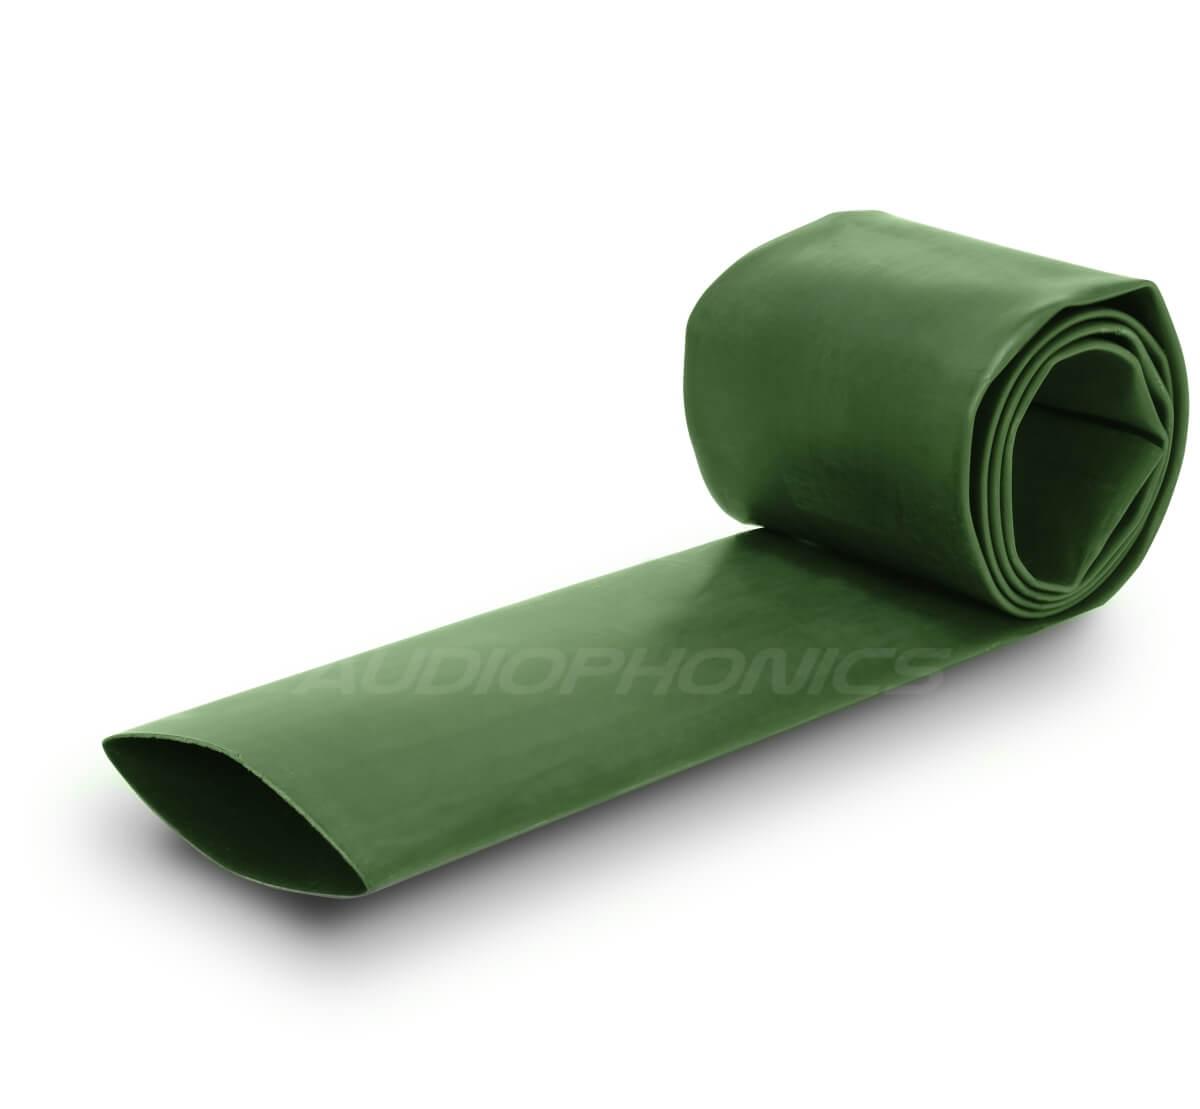 Heat-shrink tubing 2:1 Ø3.2mm Green (1m)